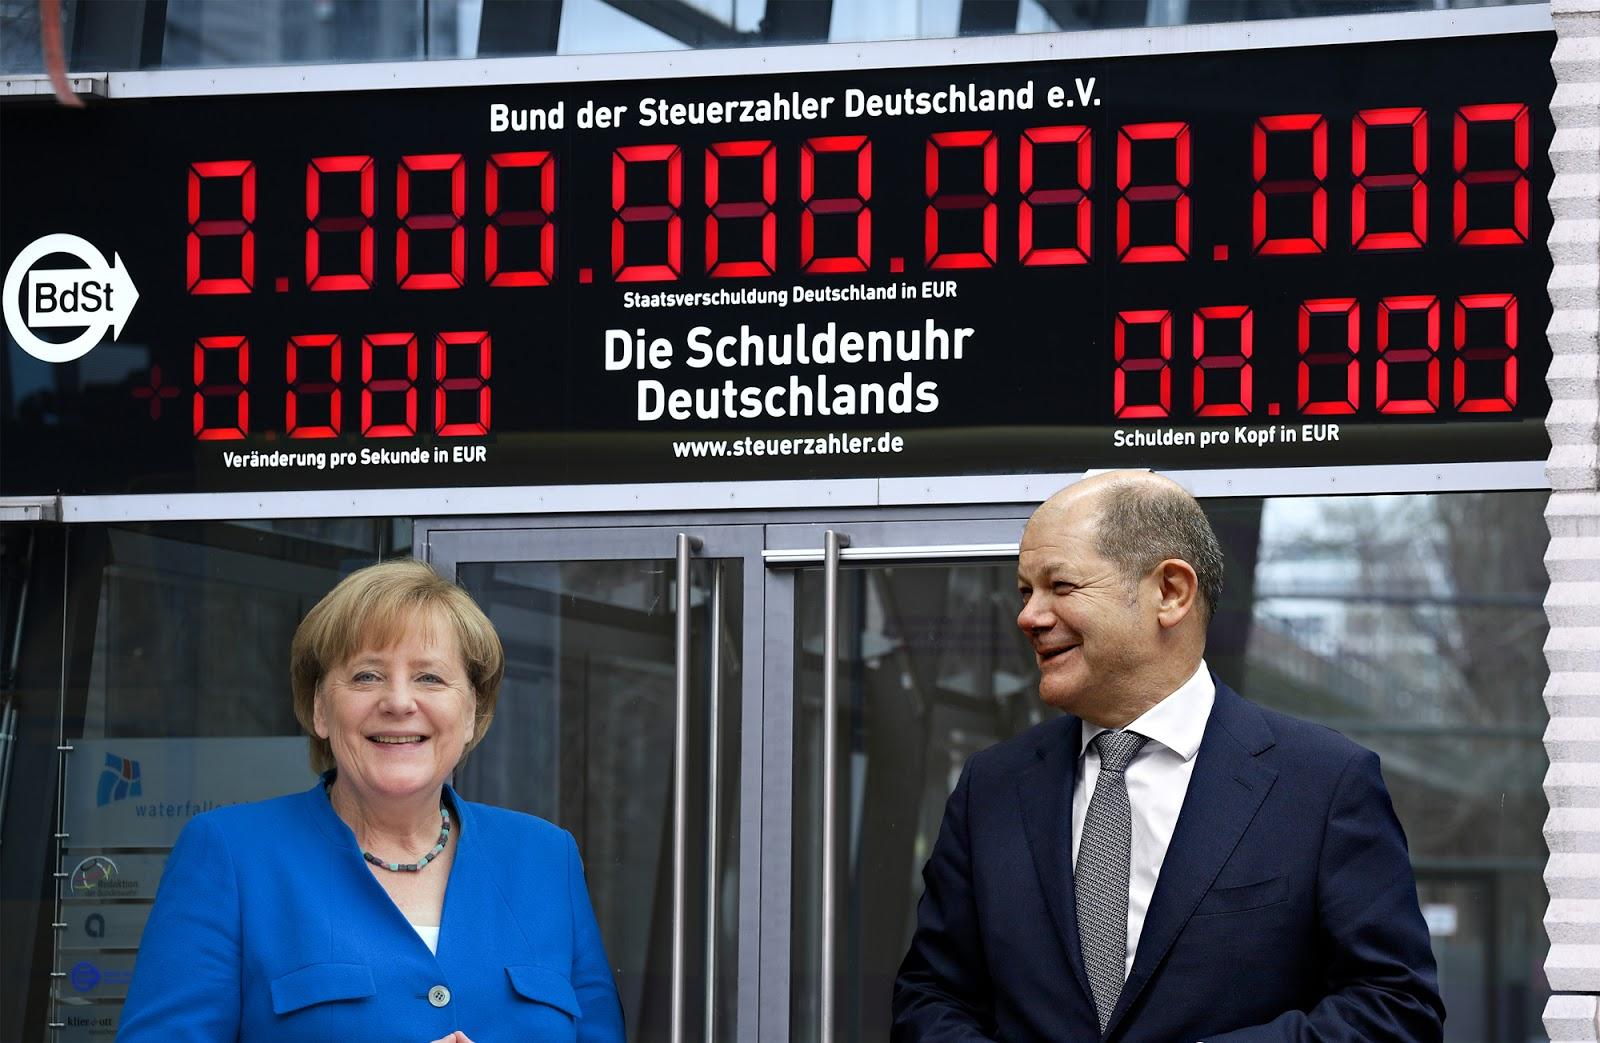 Große Freude nach Stromausfall: Deutsche Schuldenuhr stellt sich auf Null zurück [Video]